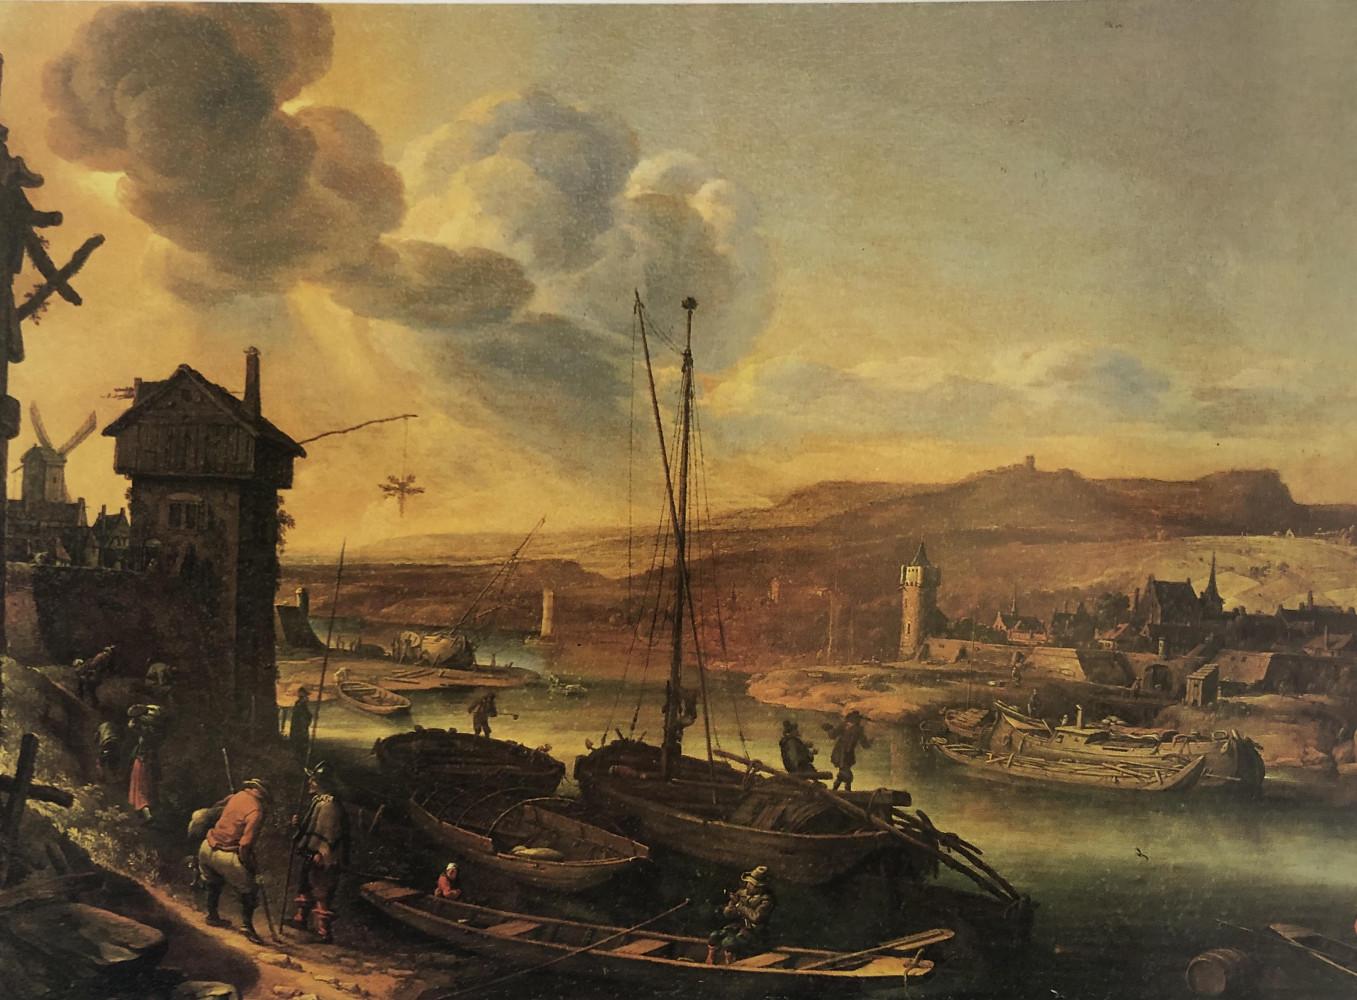 Rhine Landscape by Herman Saftleven